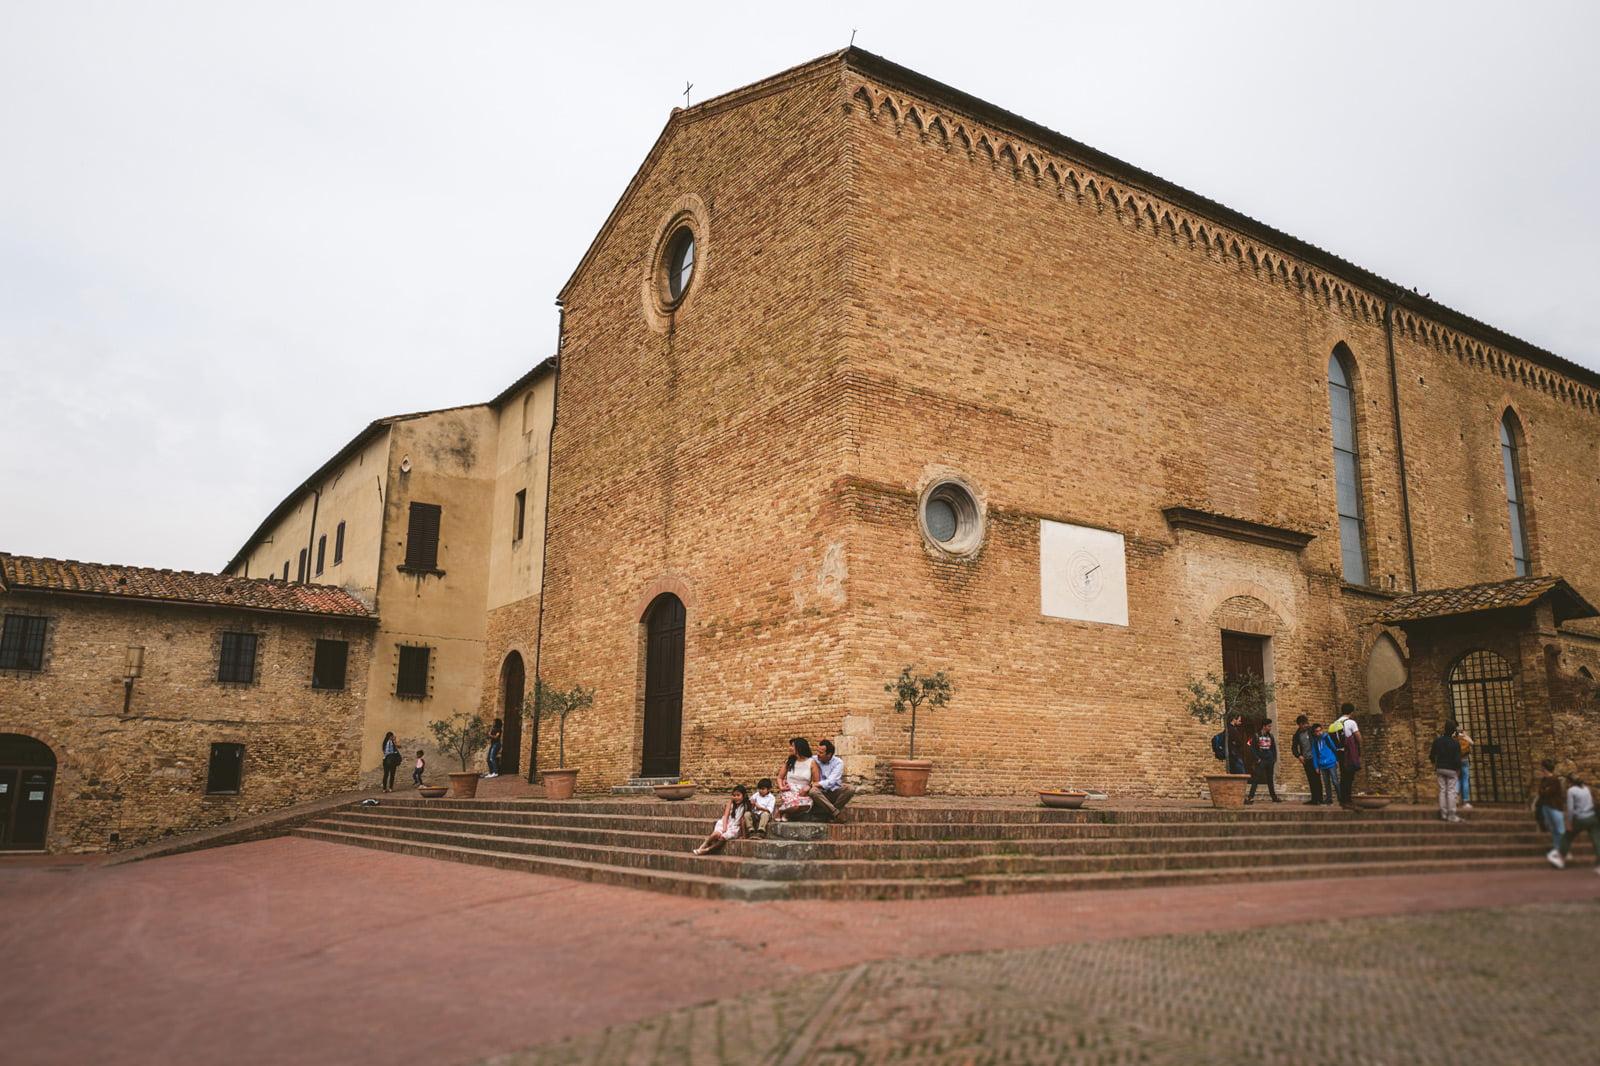 San Gimignano, Family Portrait San Gimignano, Federico Pannacci, Federico Pannacci